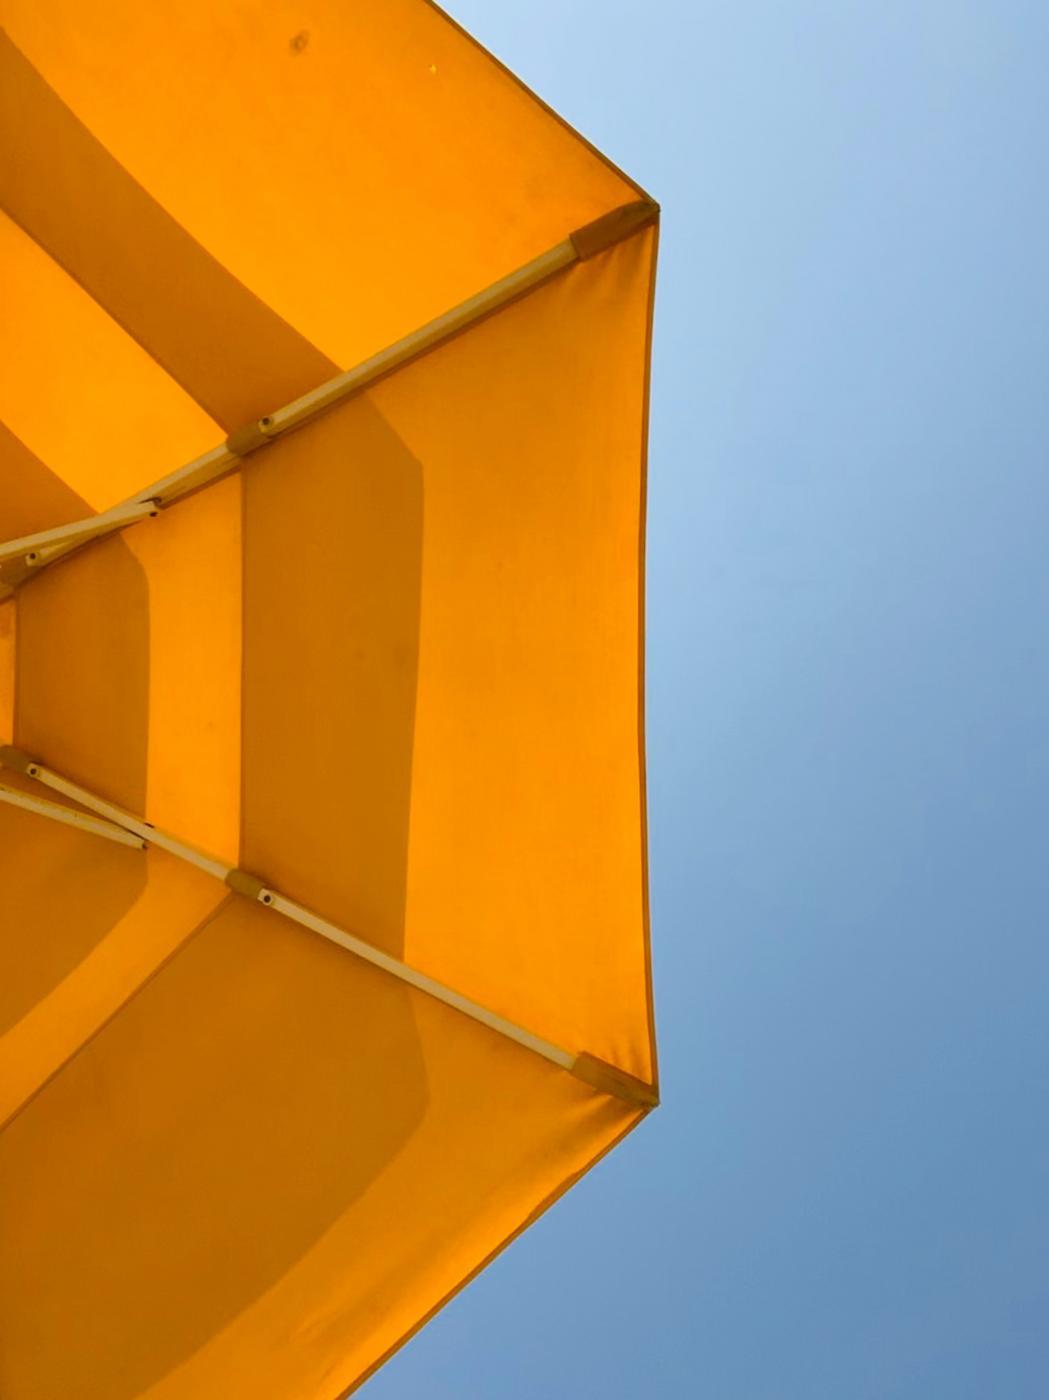 Markizy balkonowe - dlaczego warto po nie sięgnąć i jak wybrać firmę, która je sprzeda?